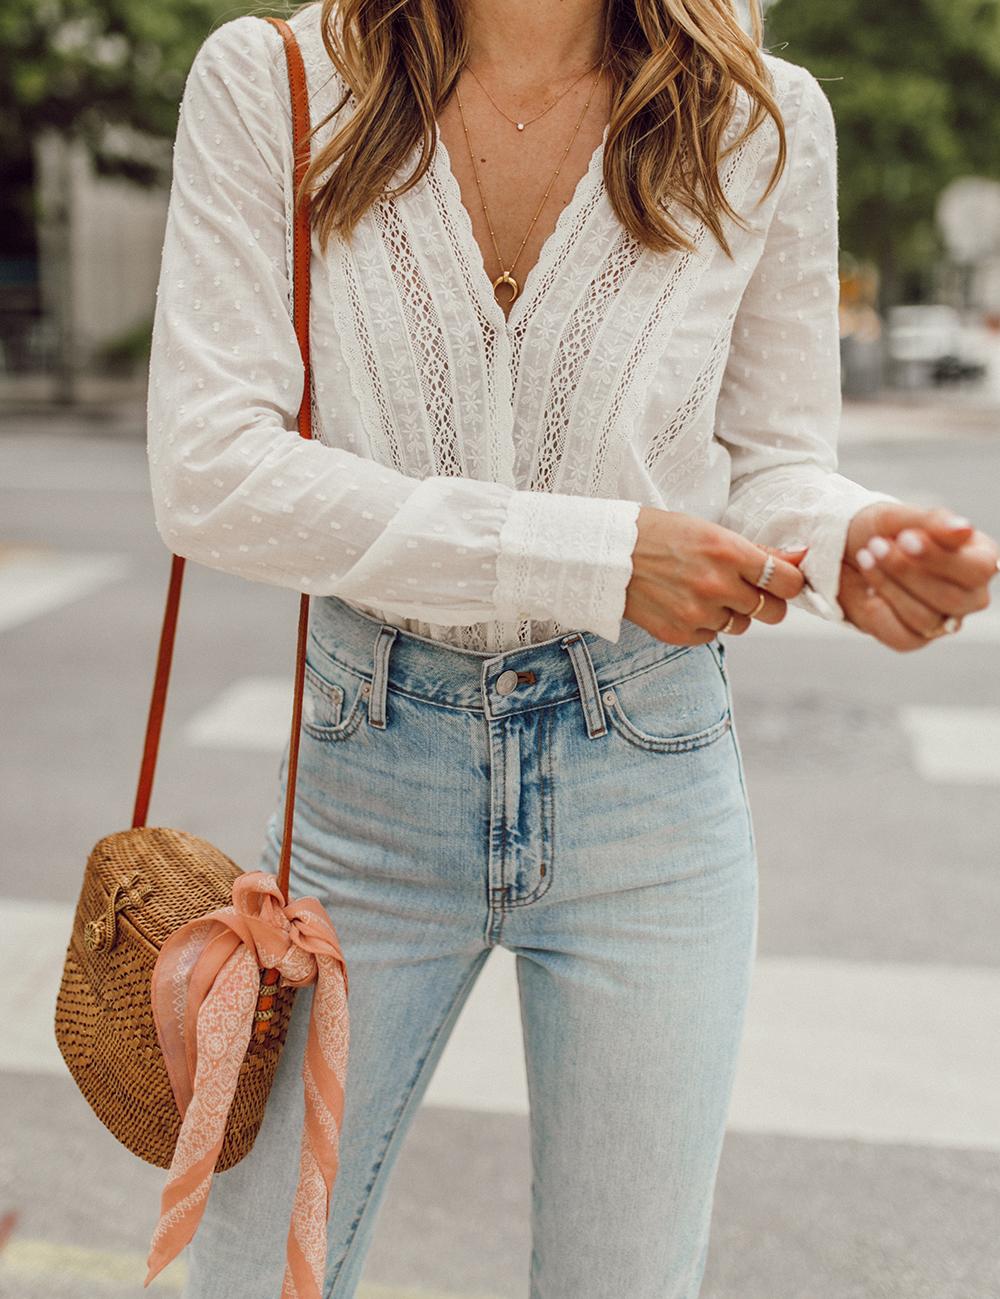 98aedd400c4 Livvyland Austin Fashion Lifestyle Blogger Austin Fashion